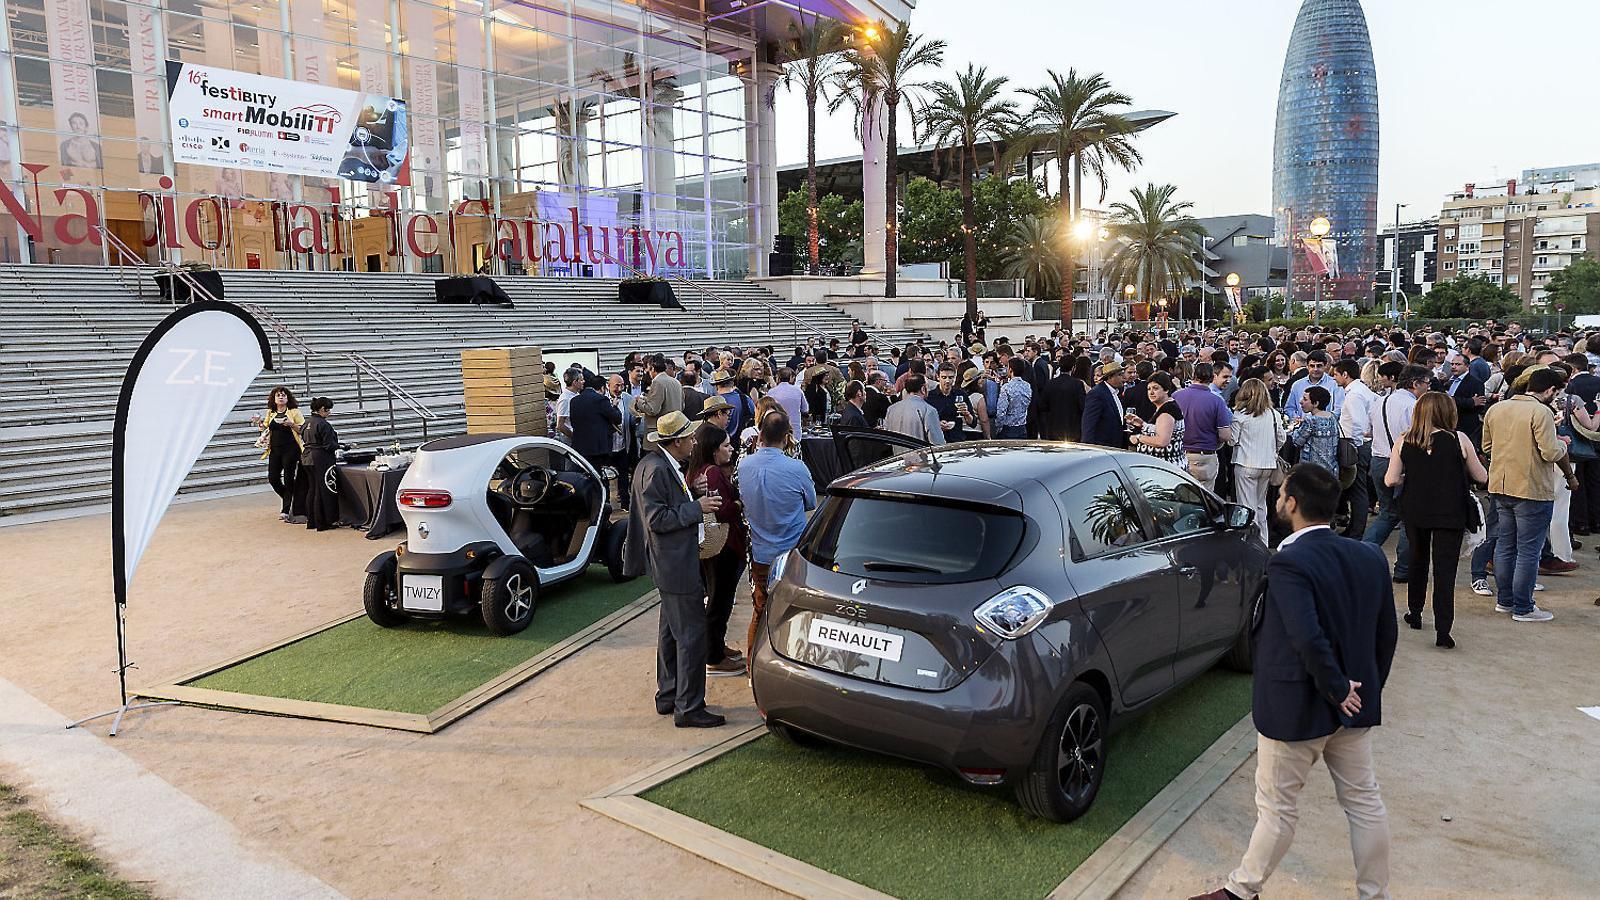 La Festibity va debatre ahir sobre les possibilitats de la mobilitat sostenible.